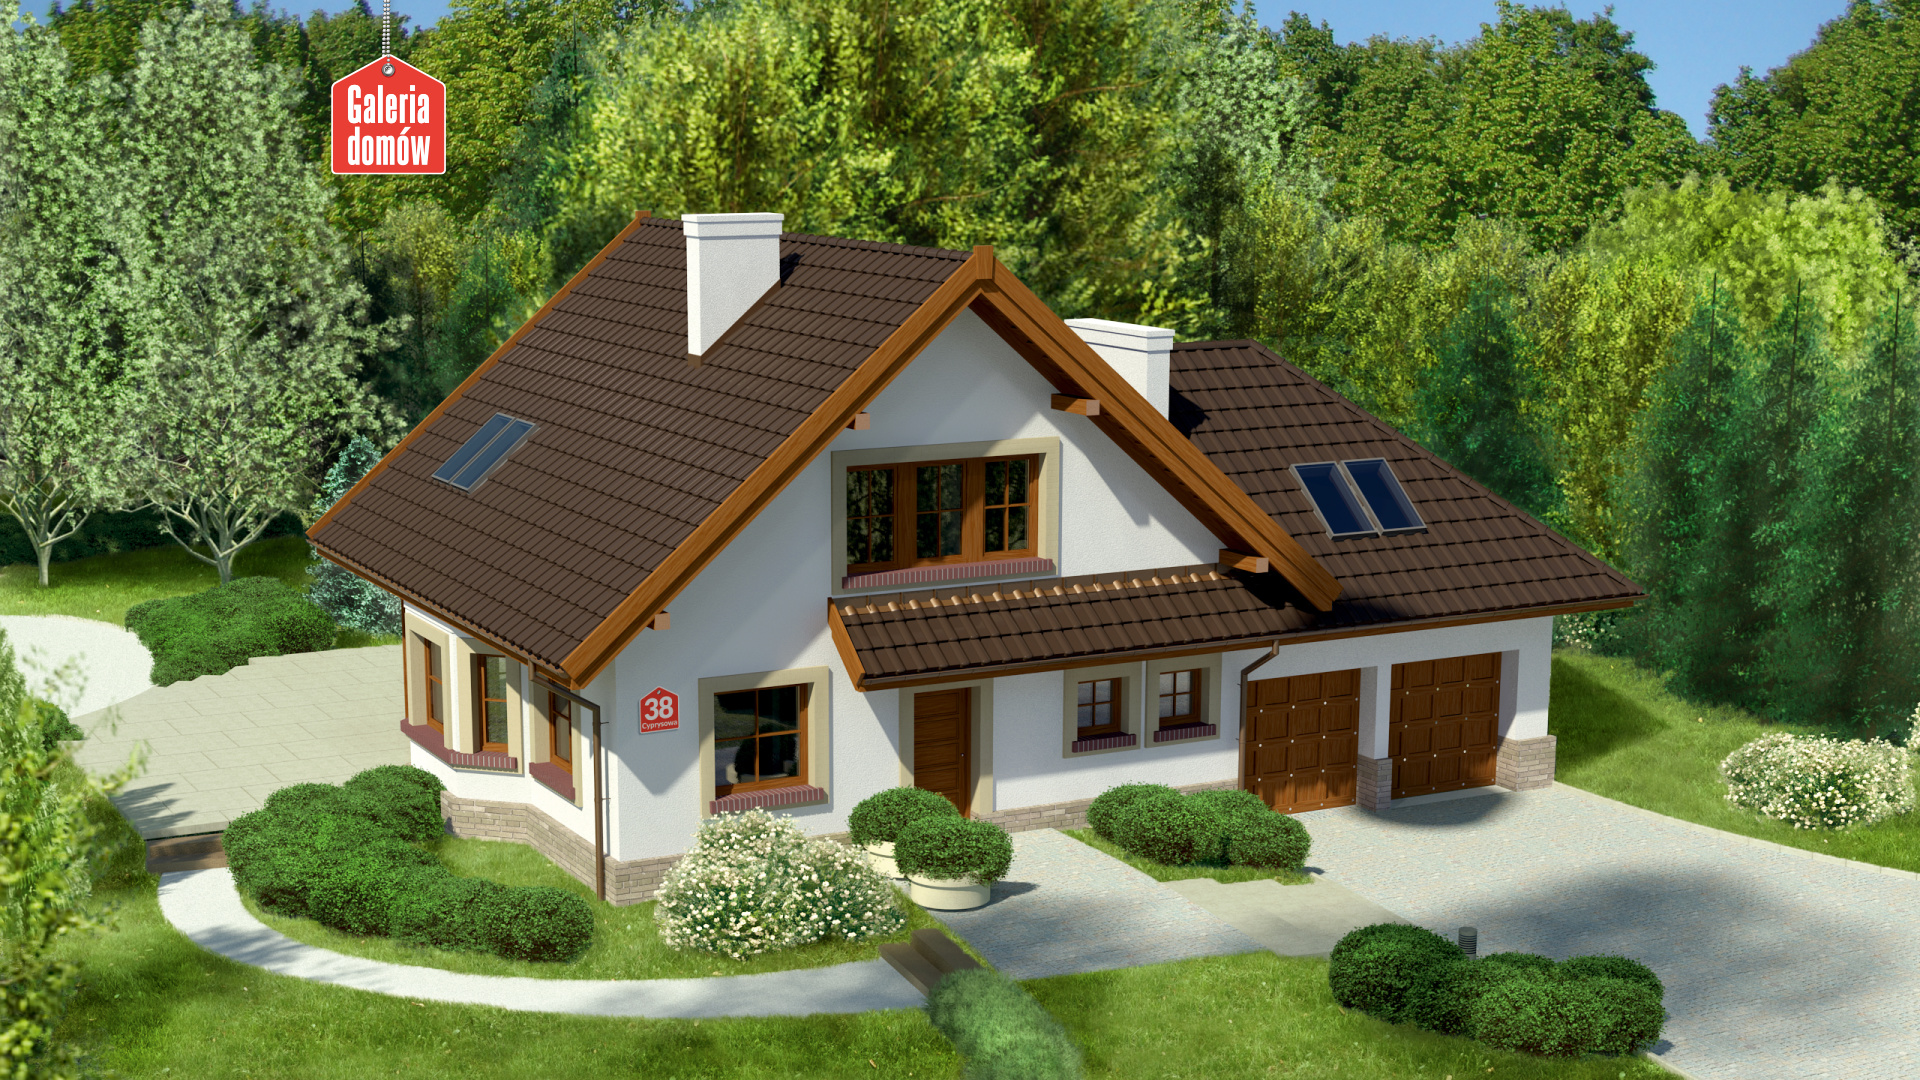 Dom przy Cyprysowej 38 - zdjęcie projektu i wizualizacja